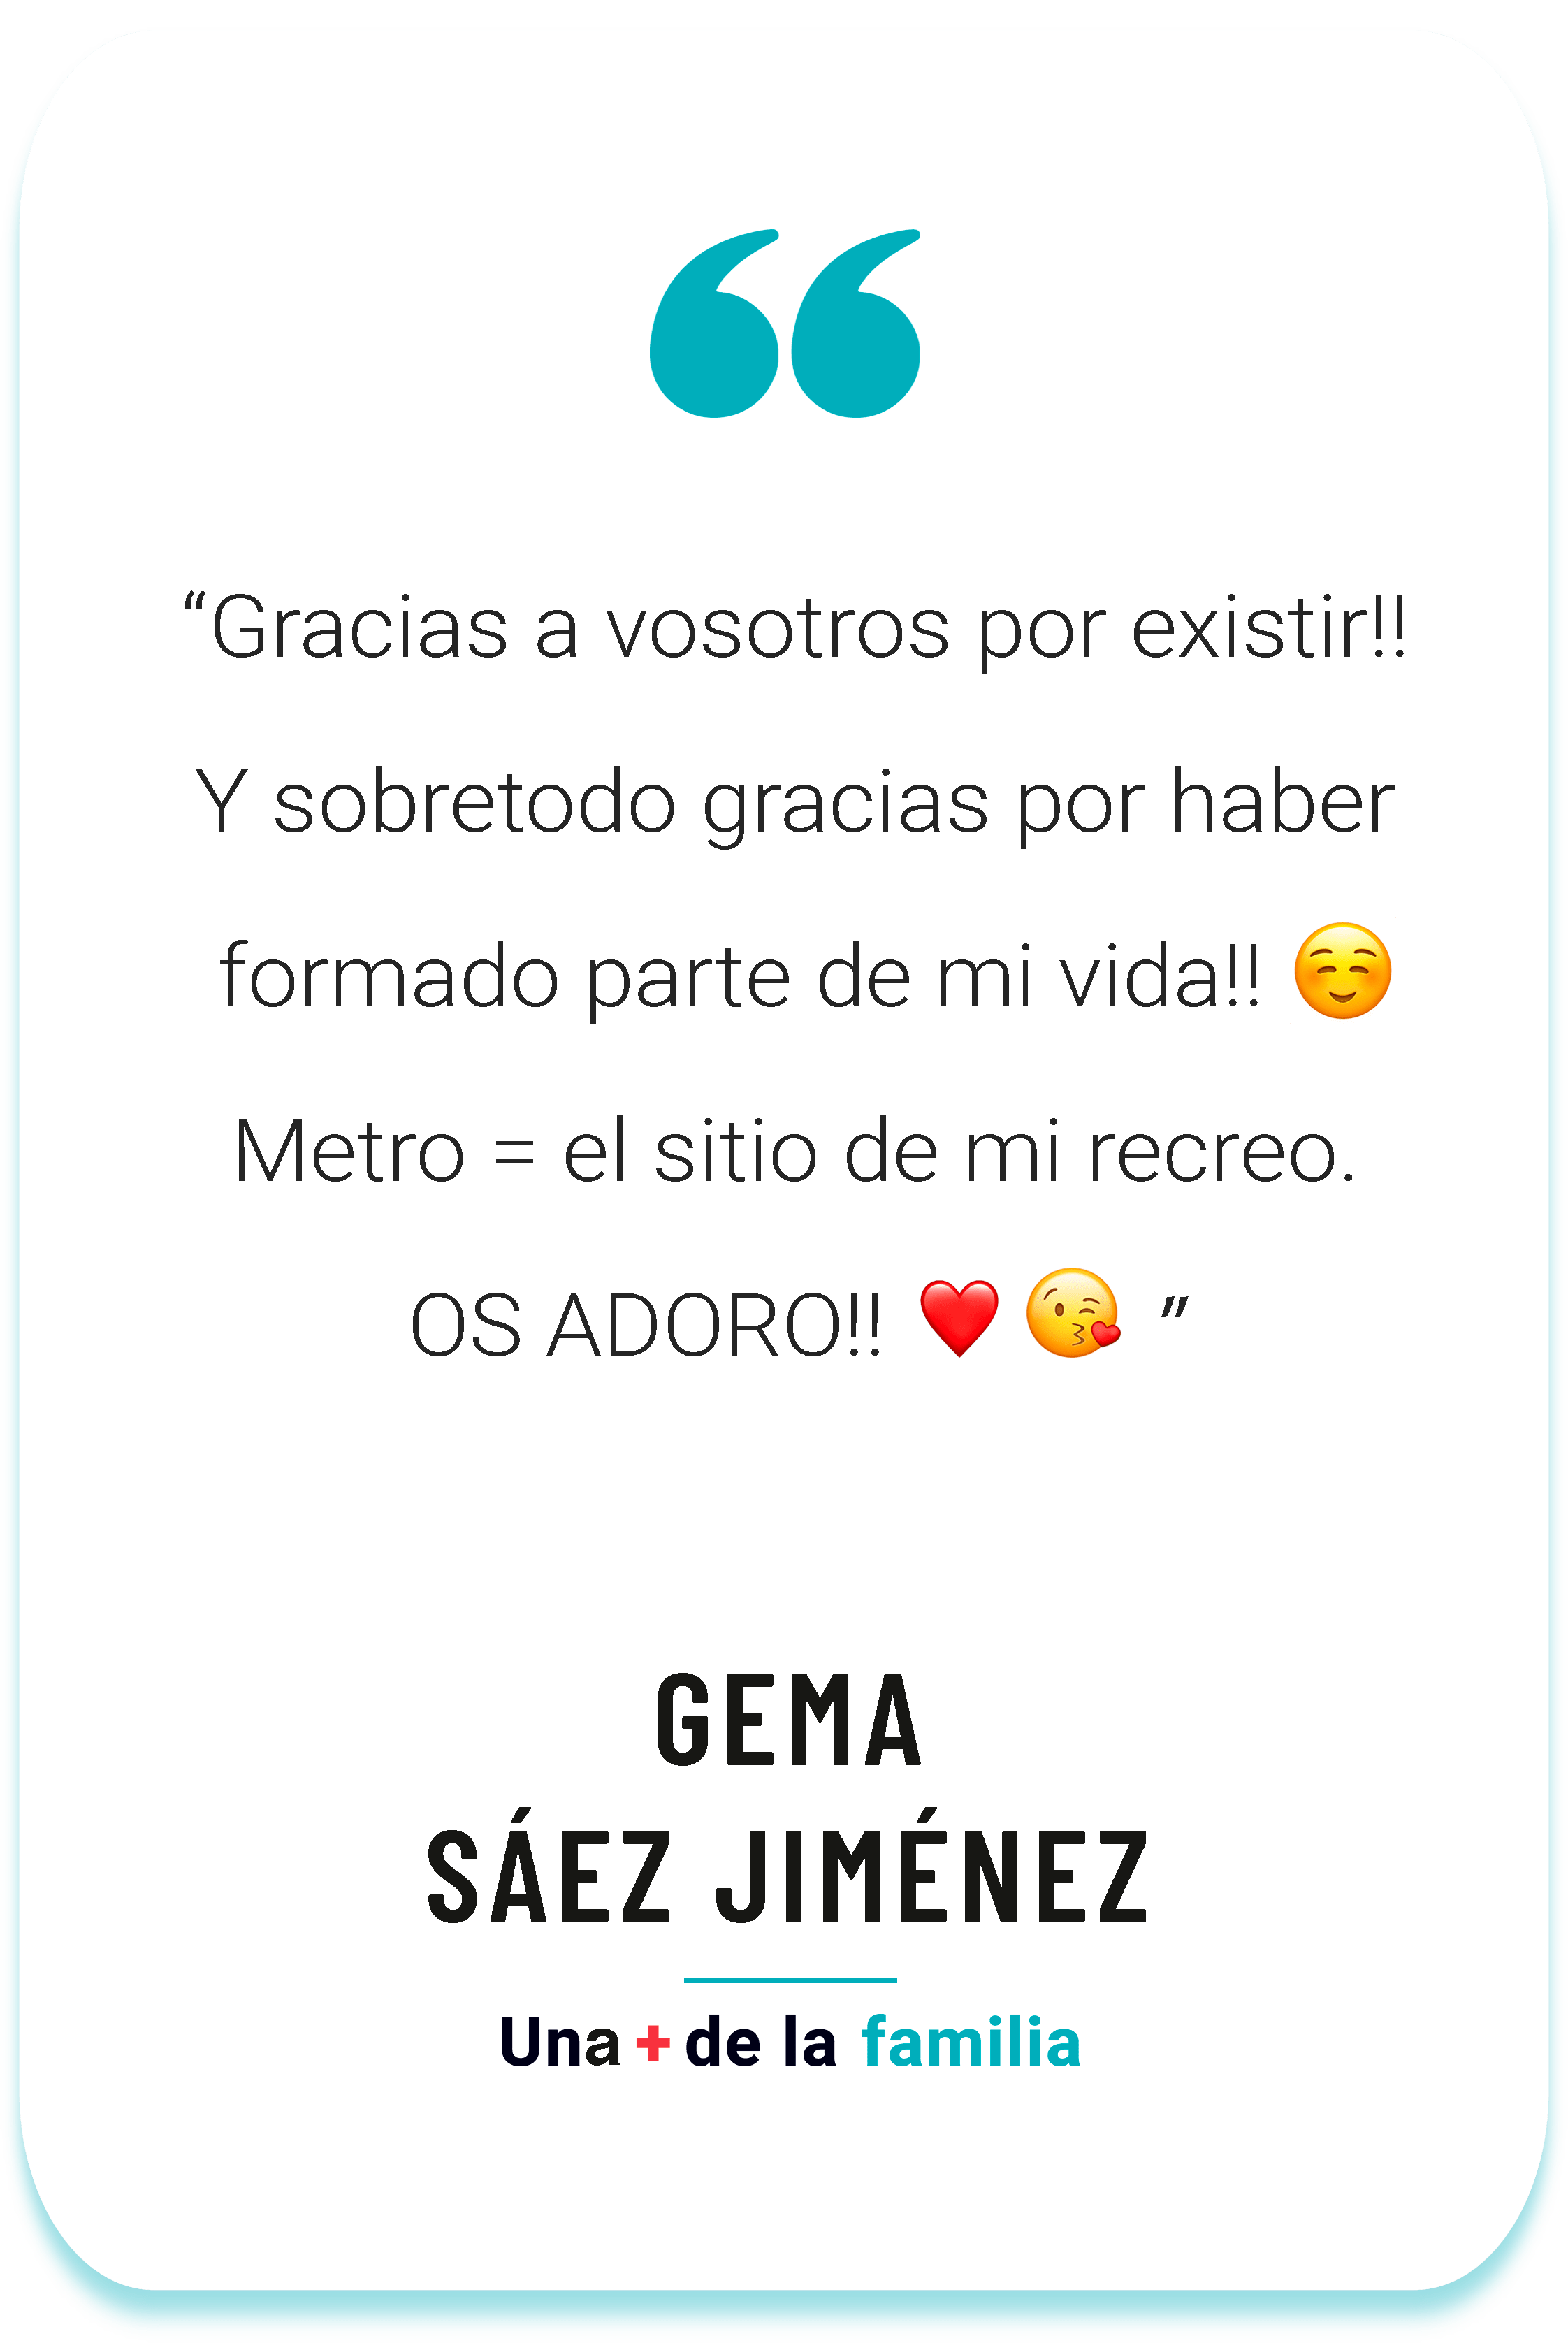 23_GEMA-min